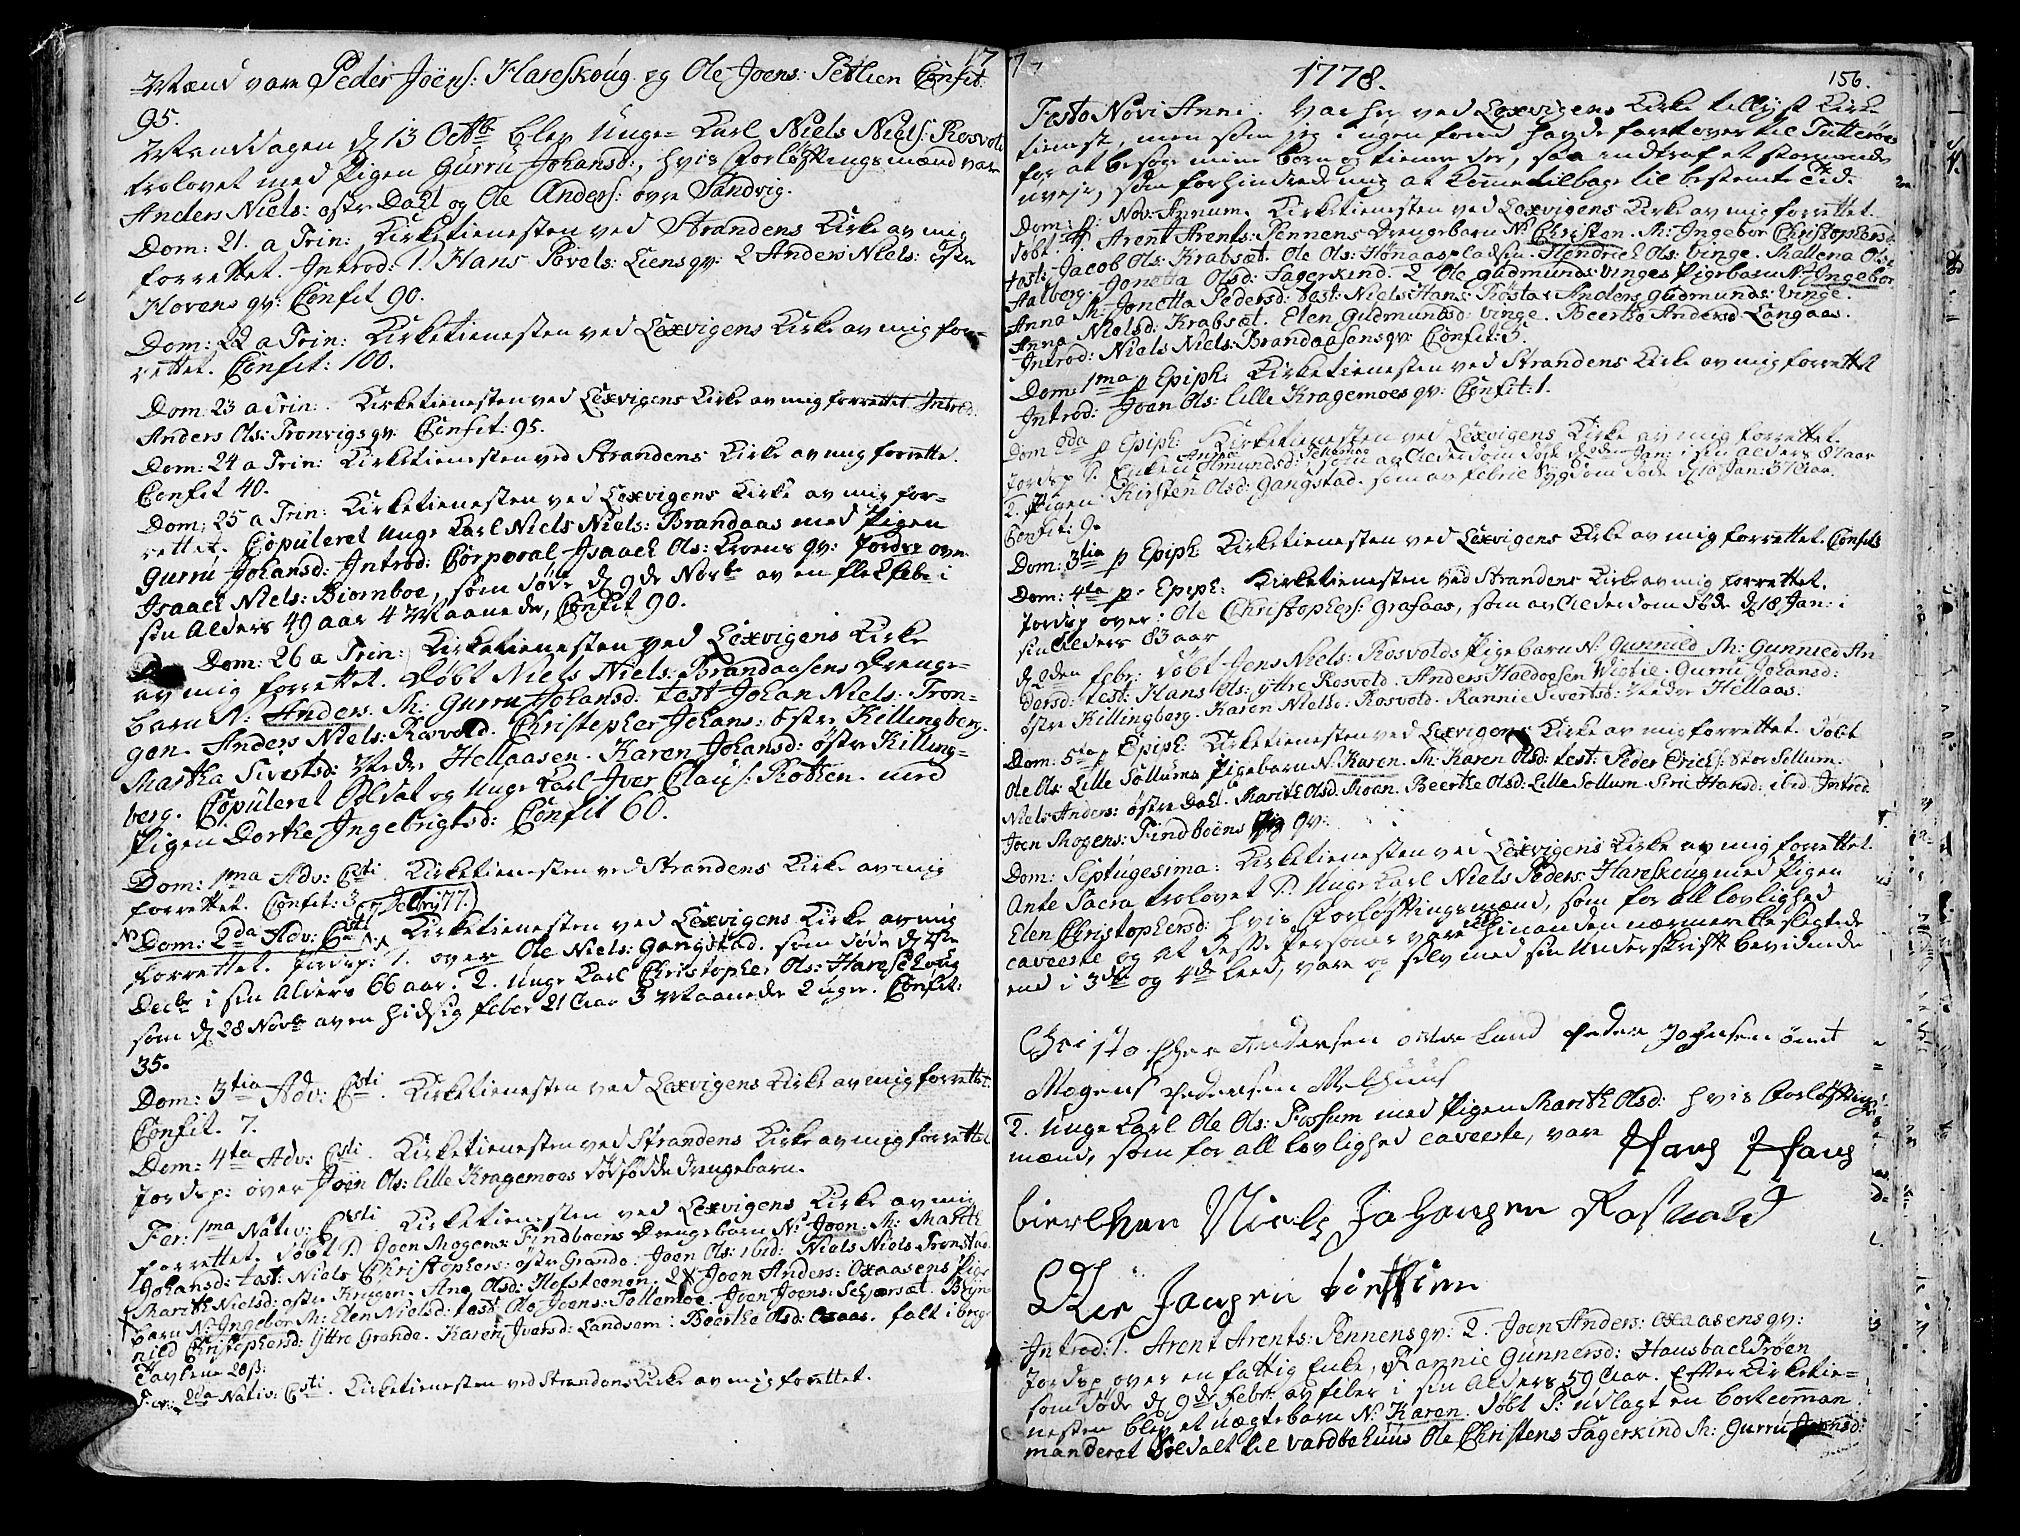 SAT, Ministerialprotokoller, klokkerbøker og fødselsregistre - Nord-Trøndelag, 701/L0003: Ministerialbok nr. 701A03, 1751-1783, s. 156